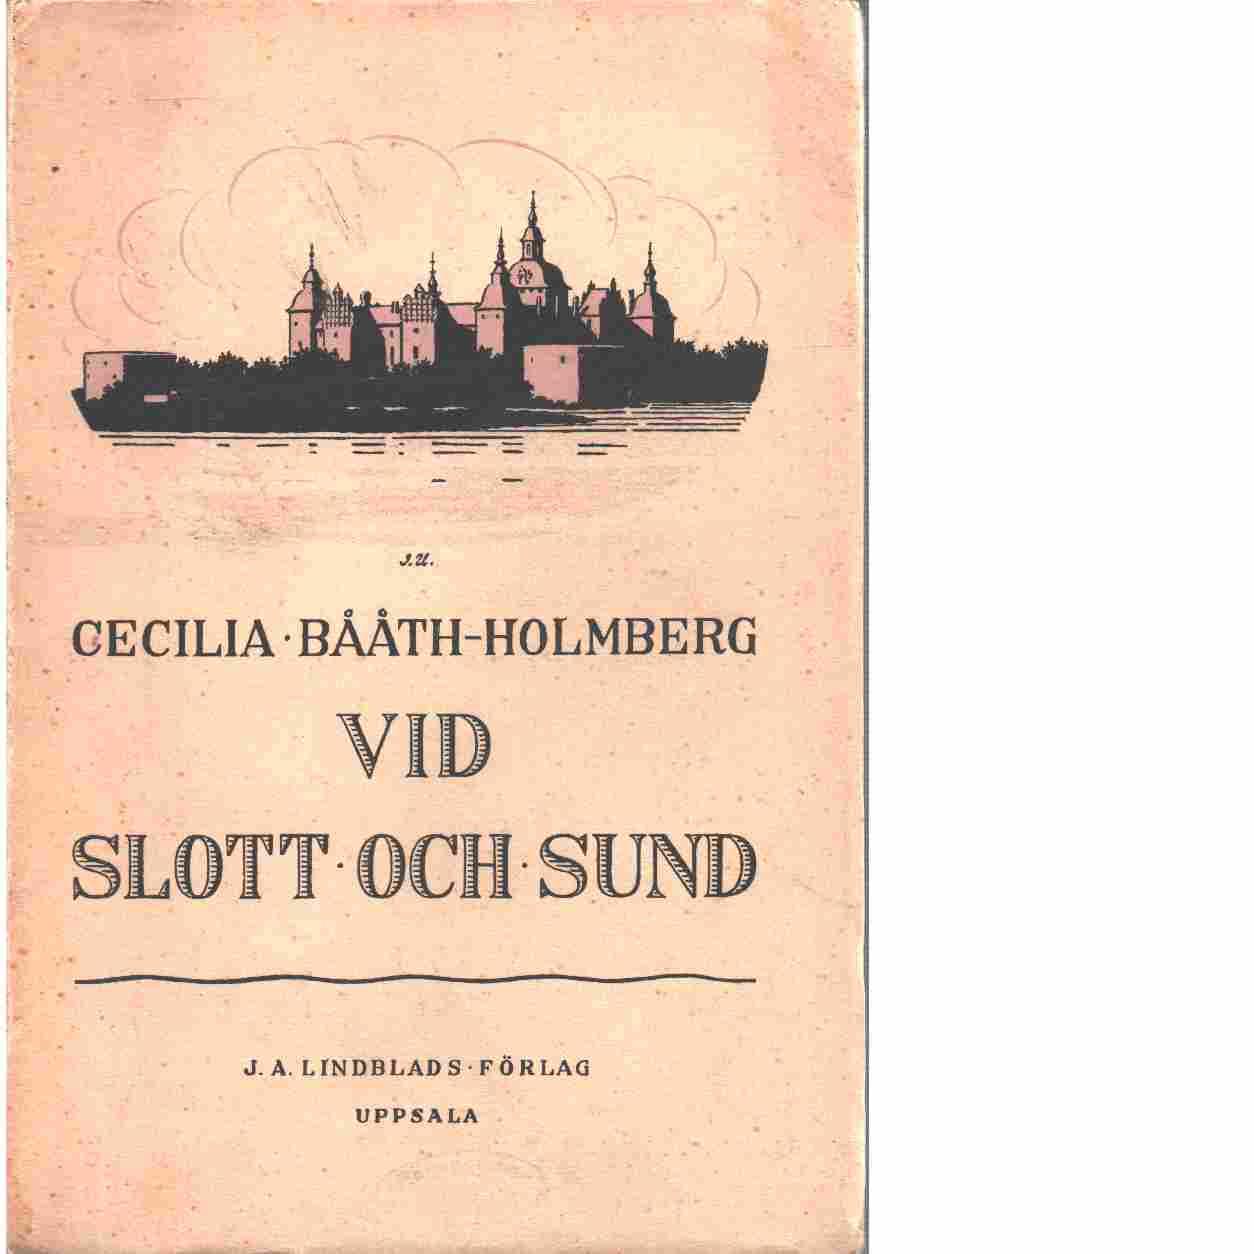 Vid slott och sund : intryck och livsbilder - Bååth-Holmberg, Cecilia